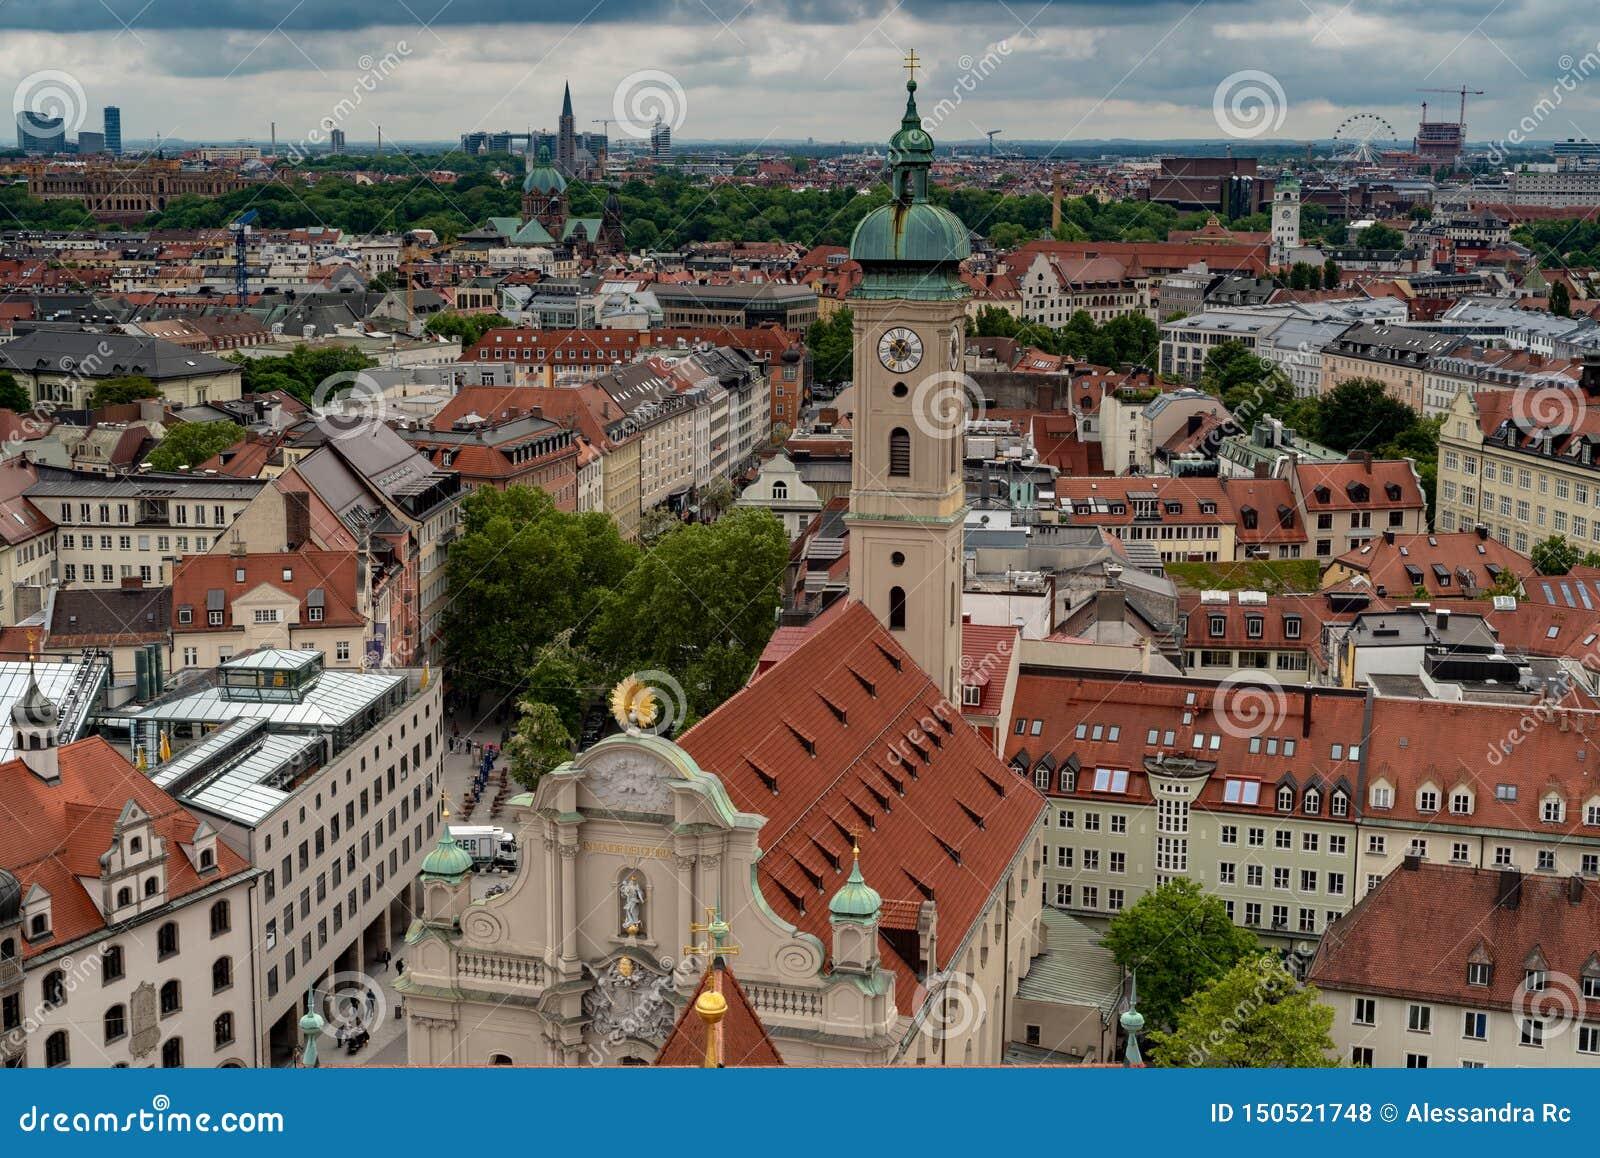 Algemeen satellietbeeld van München van een toren